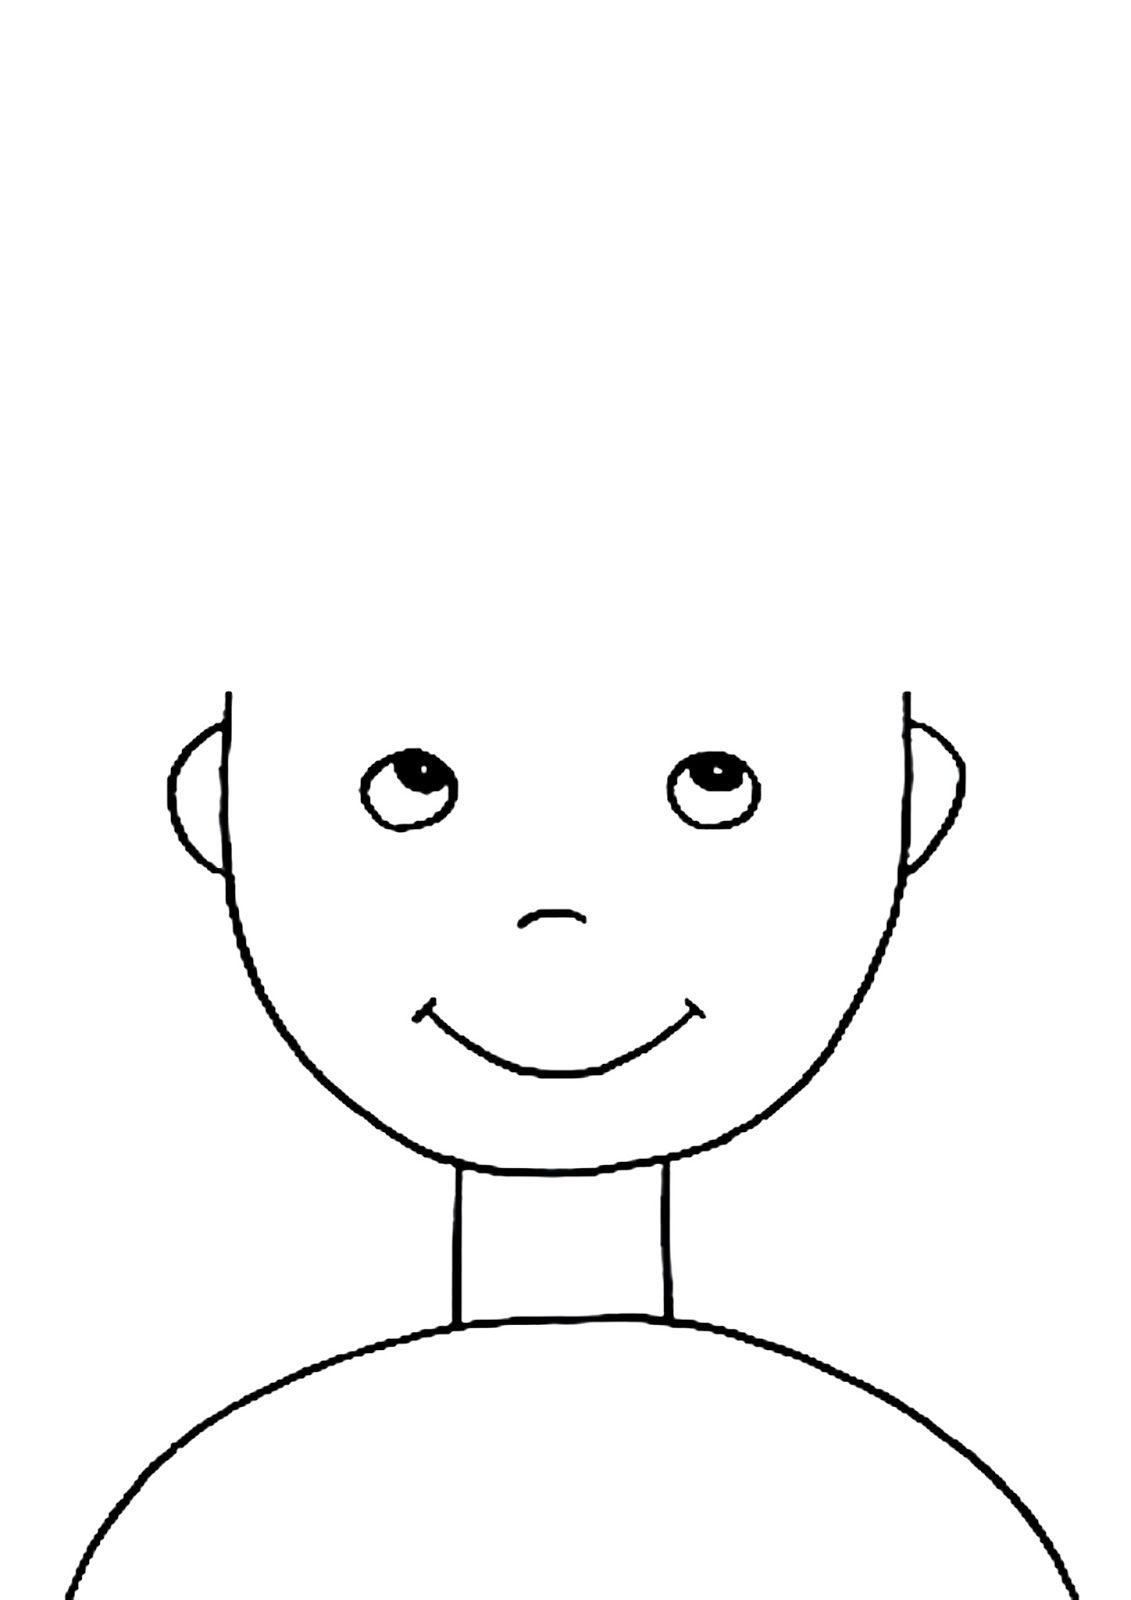 Duracellanne Yeni Yuruyen Bebek Aktiviteleri Okul Oncesi Elisi Boyama Sayfalari